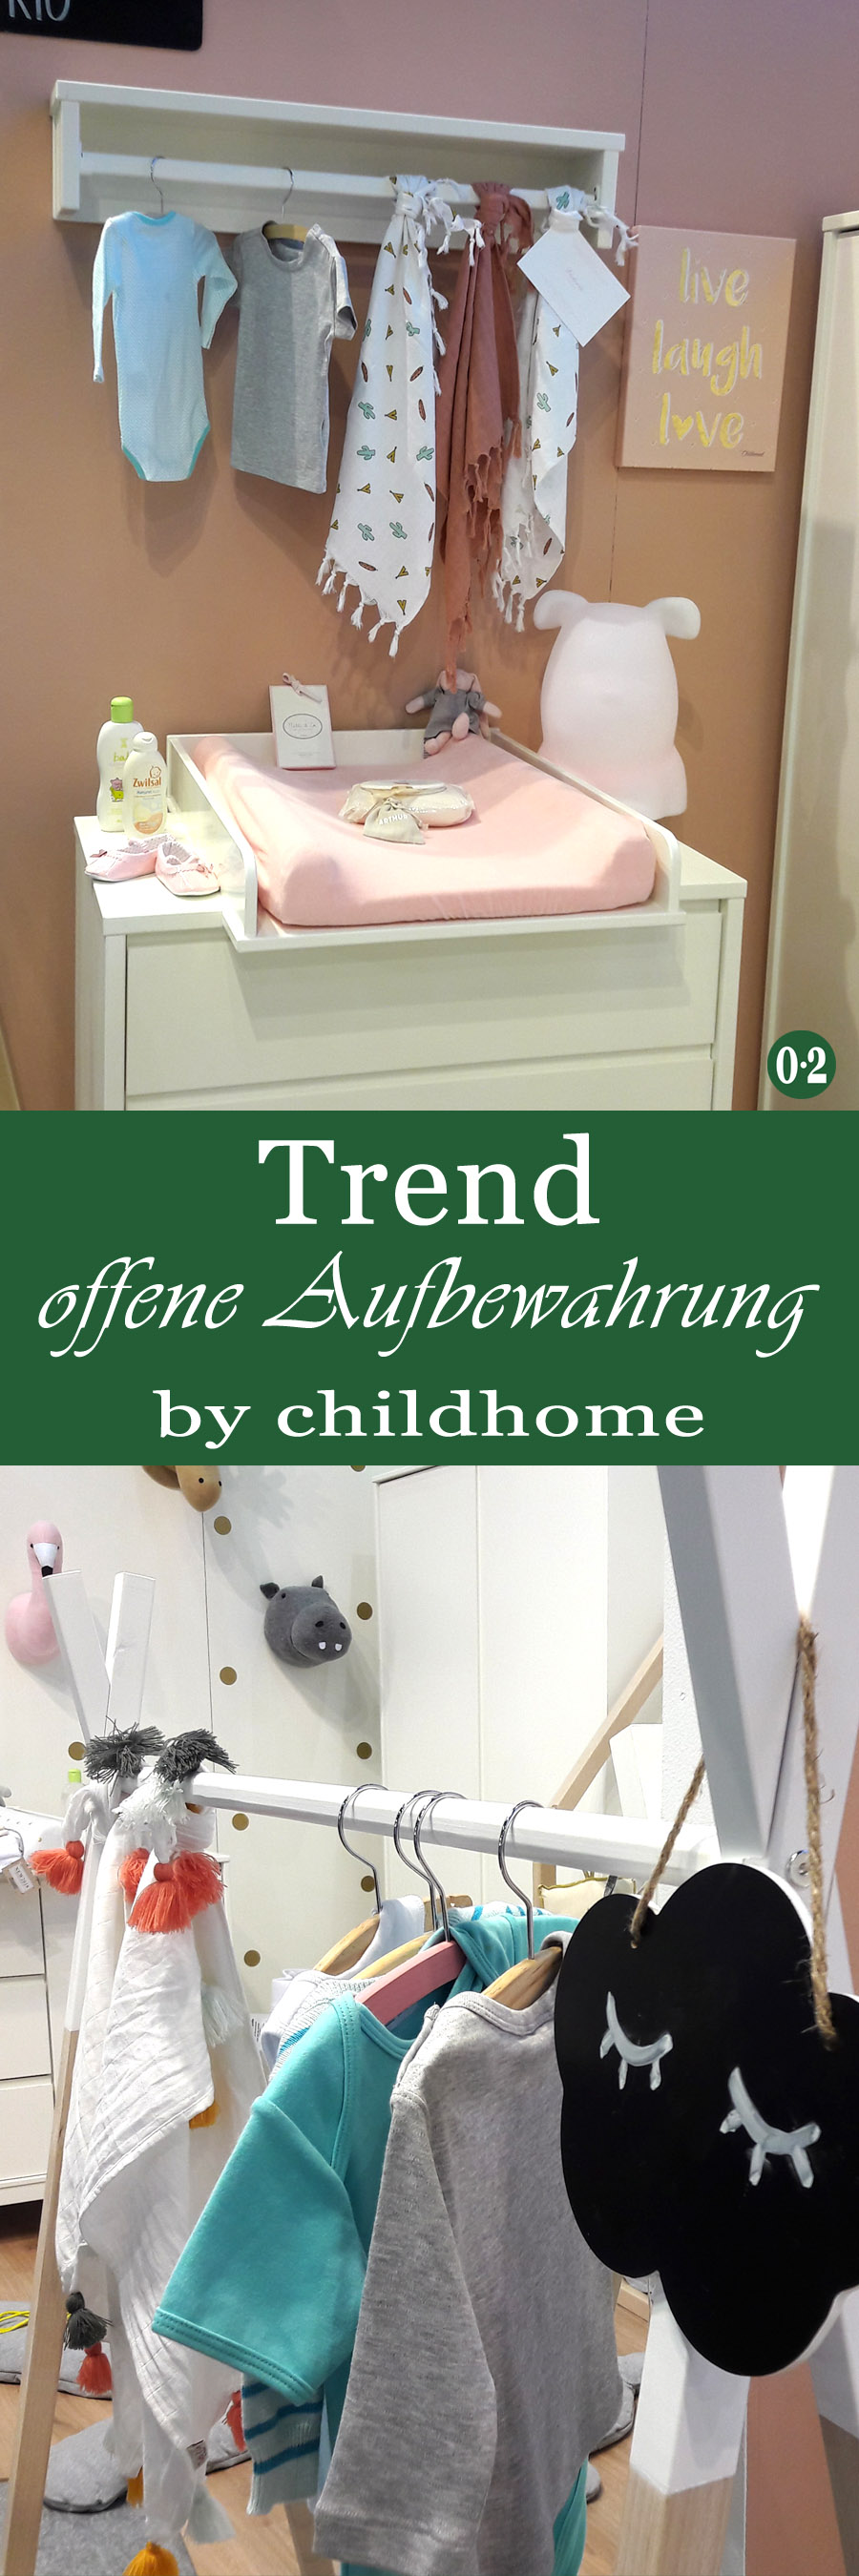 Kinderzimmertrends 2018: Offene Aufbewahrung und kalkige Farben im Kinderzimmer | www.nullpunktzwo.de